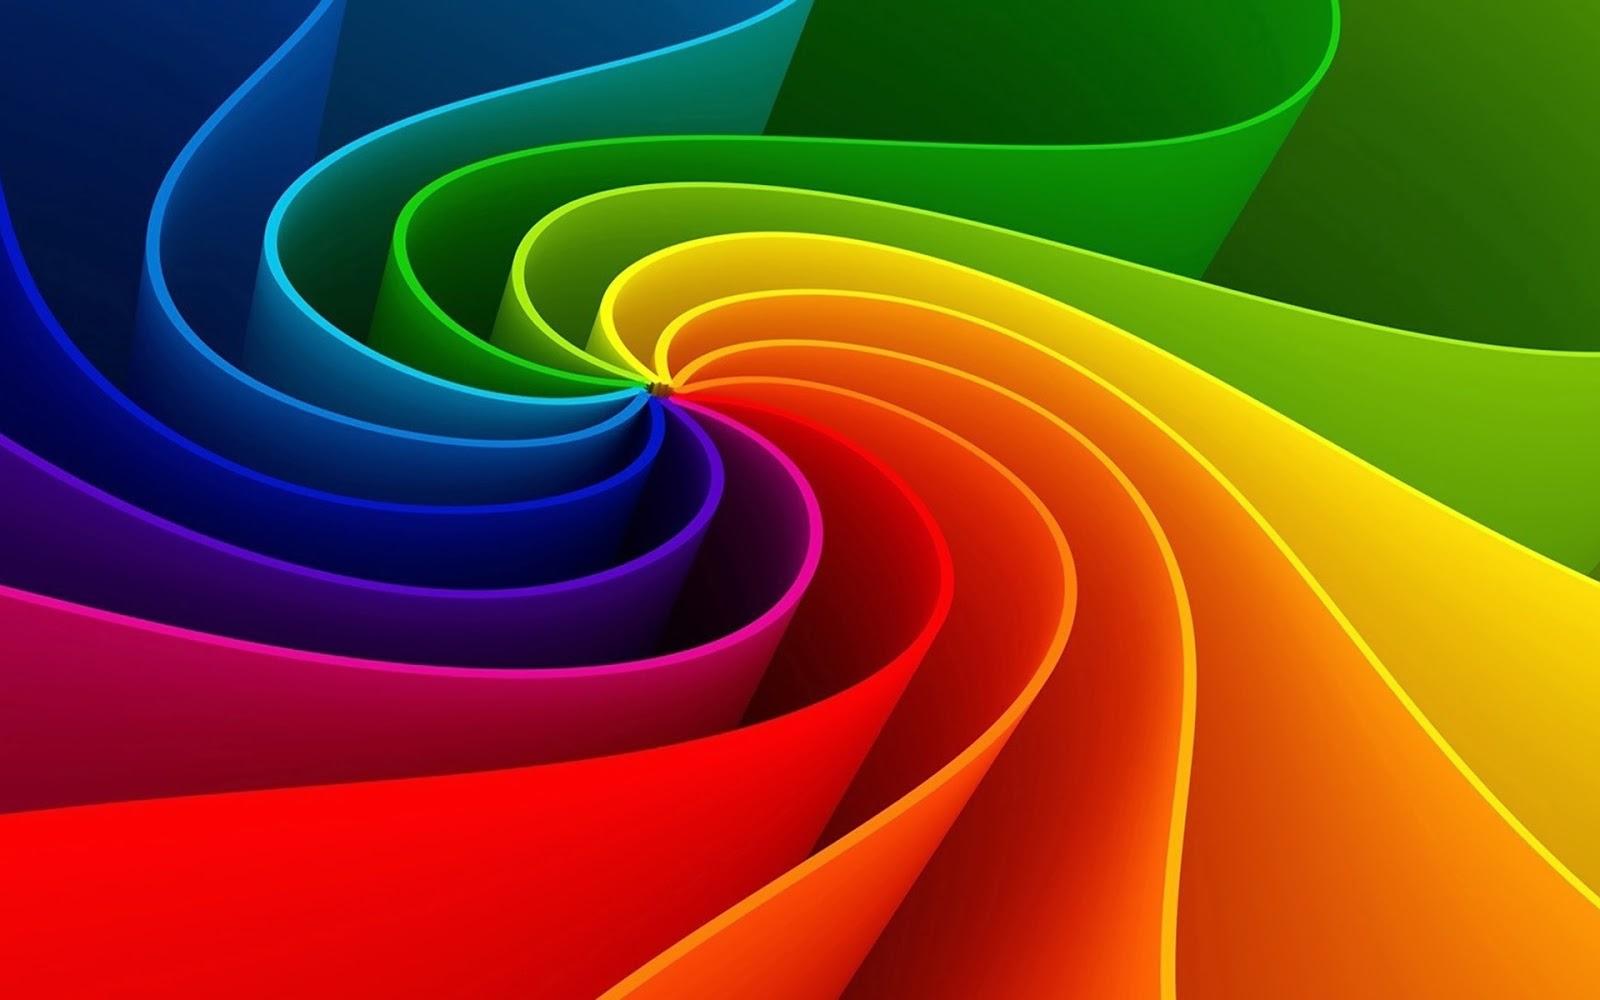 Fondos de colores vivos images for Fondos para pc gratis